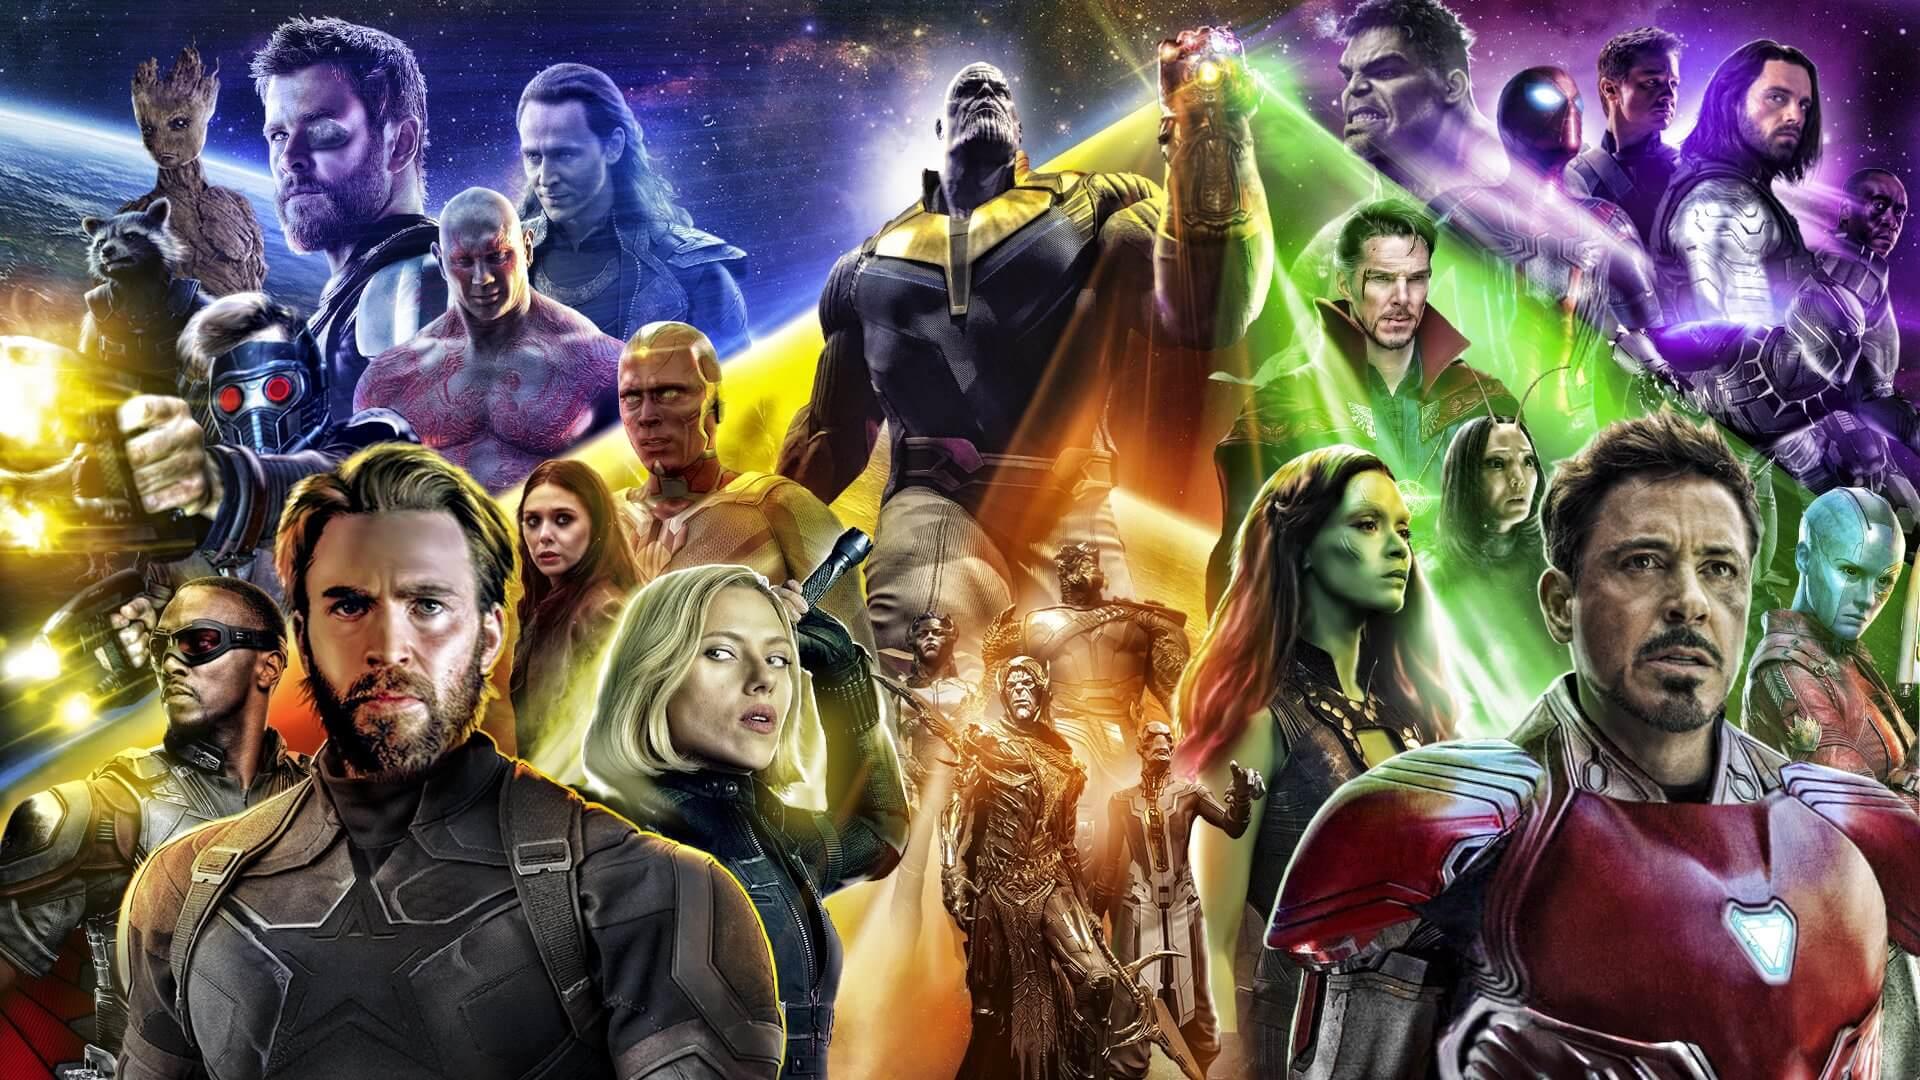 漫威電影宇宙 十年集結大作 超級英雄電影 復仇者聯盟 無限之戰